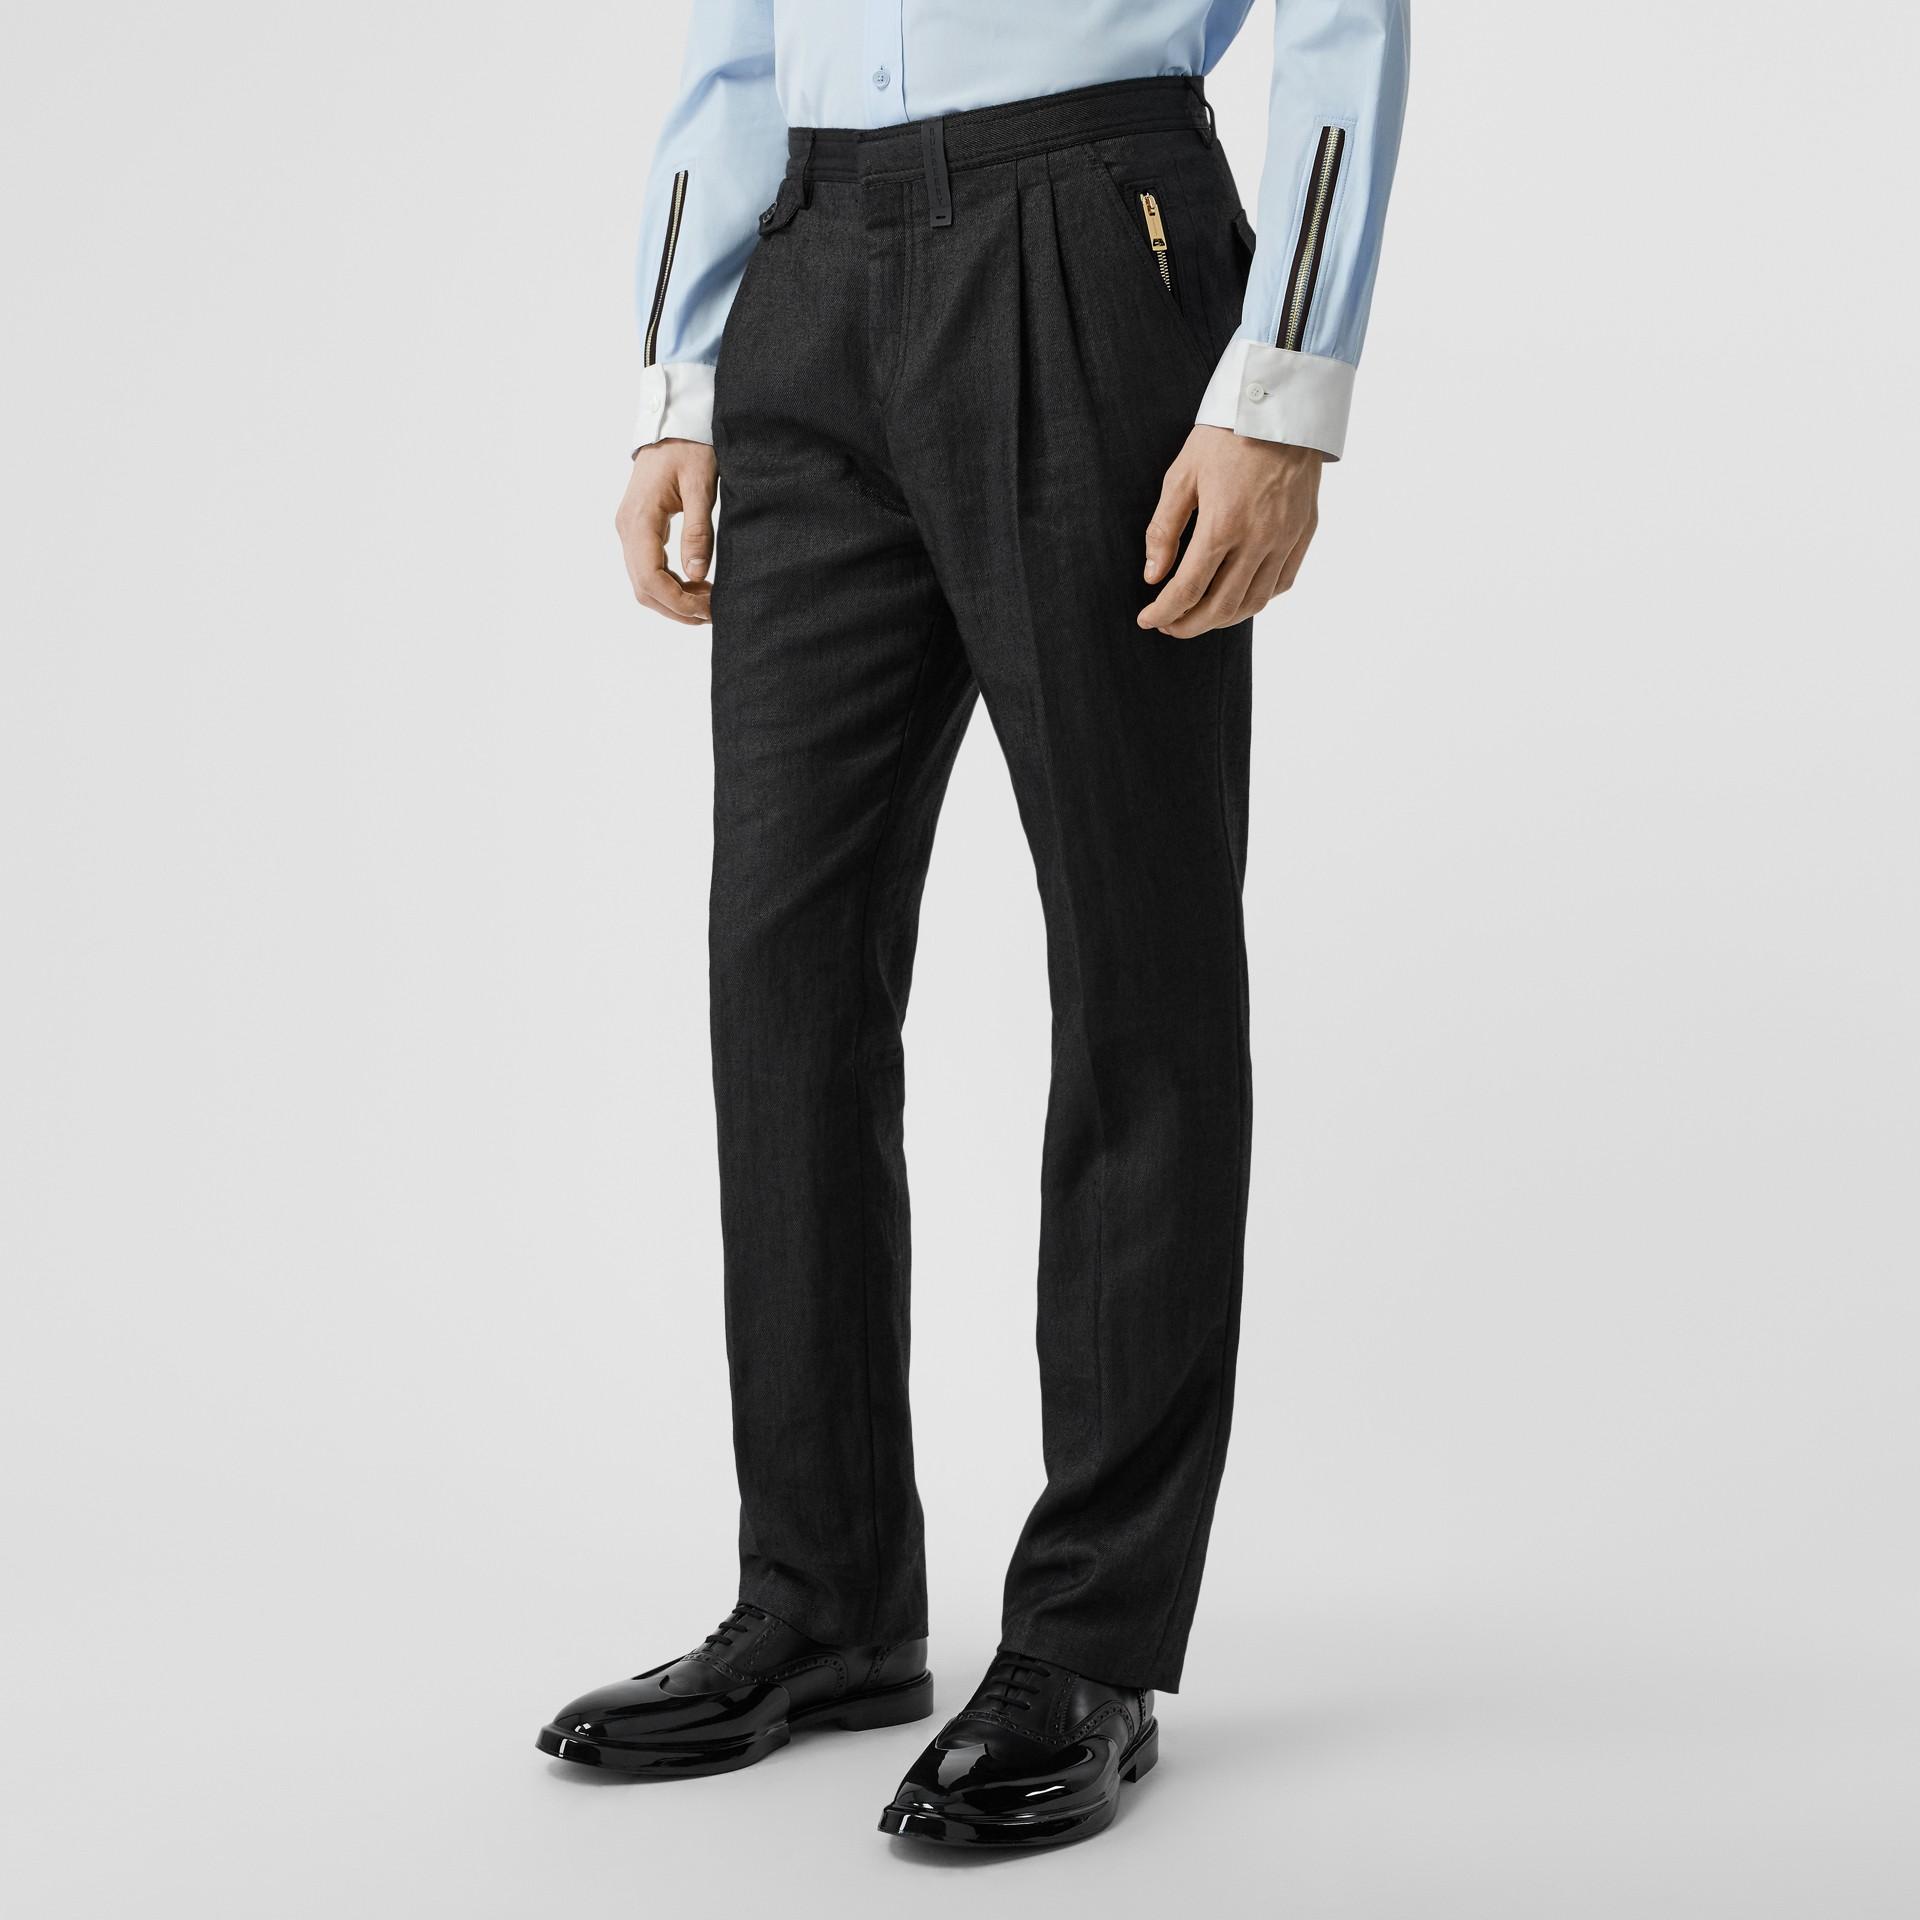 Pantalon plissé en lin mélangé avec zip (Noir) - Homme | Burberry - photo de la galerie 4